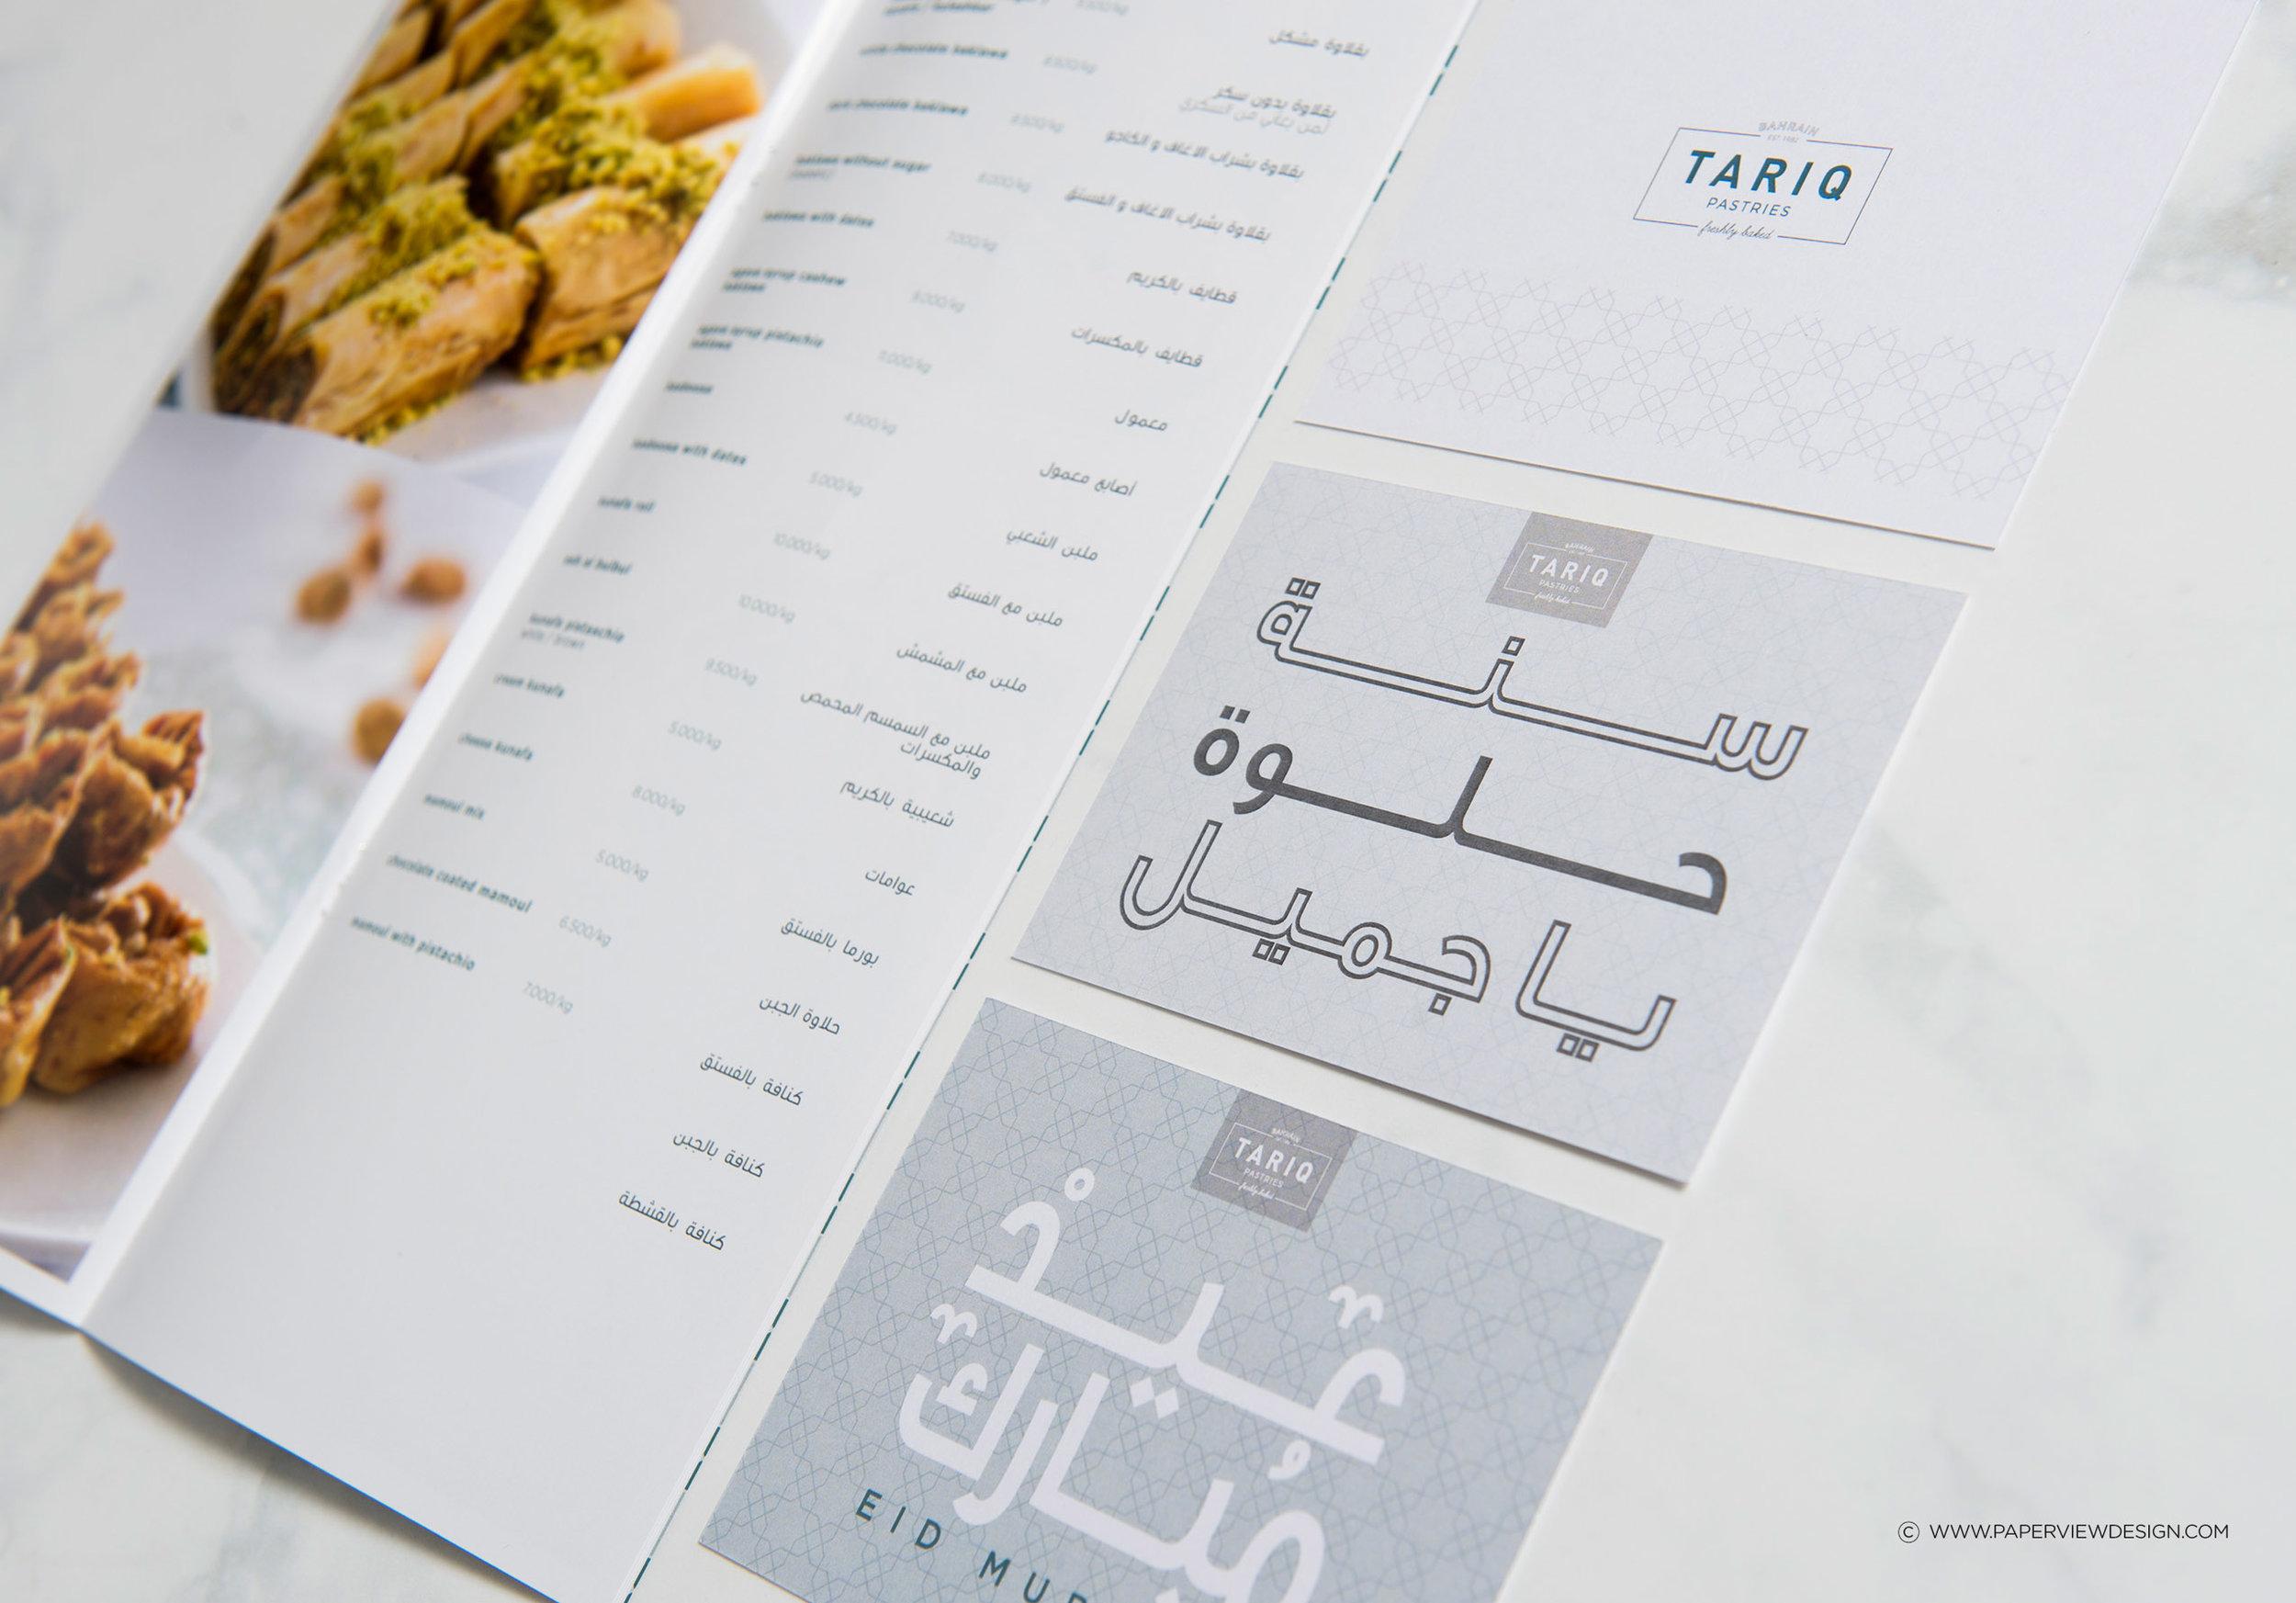 Tariq-Pastries-Menu-Cards